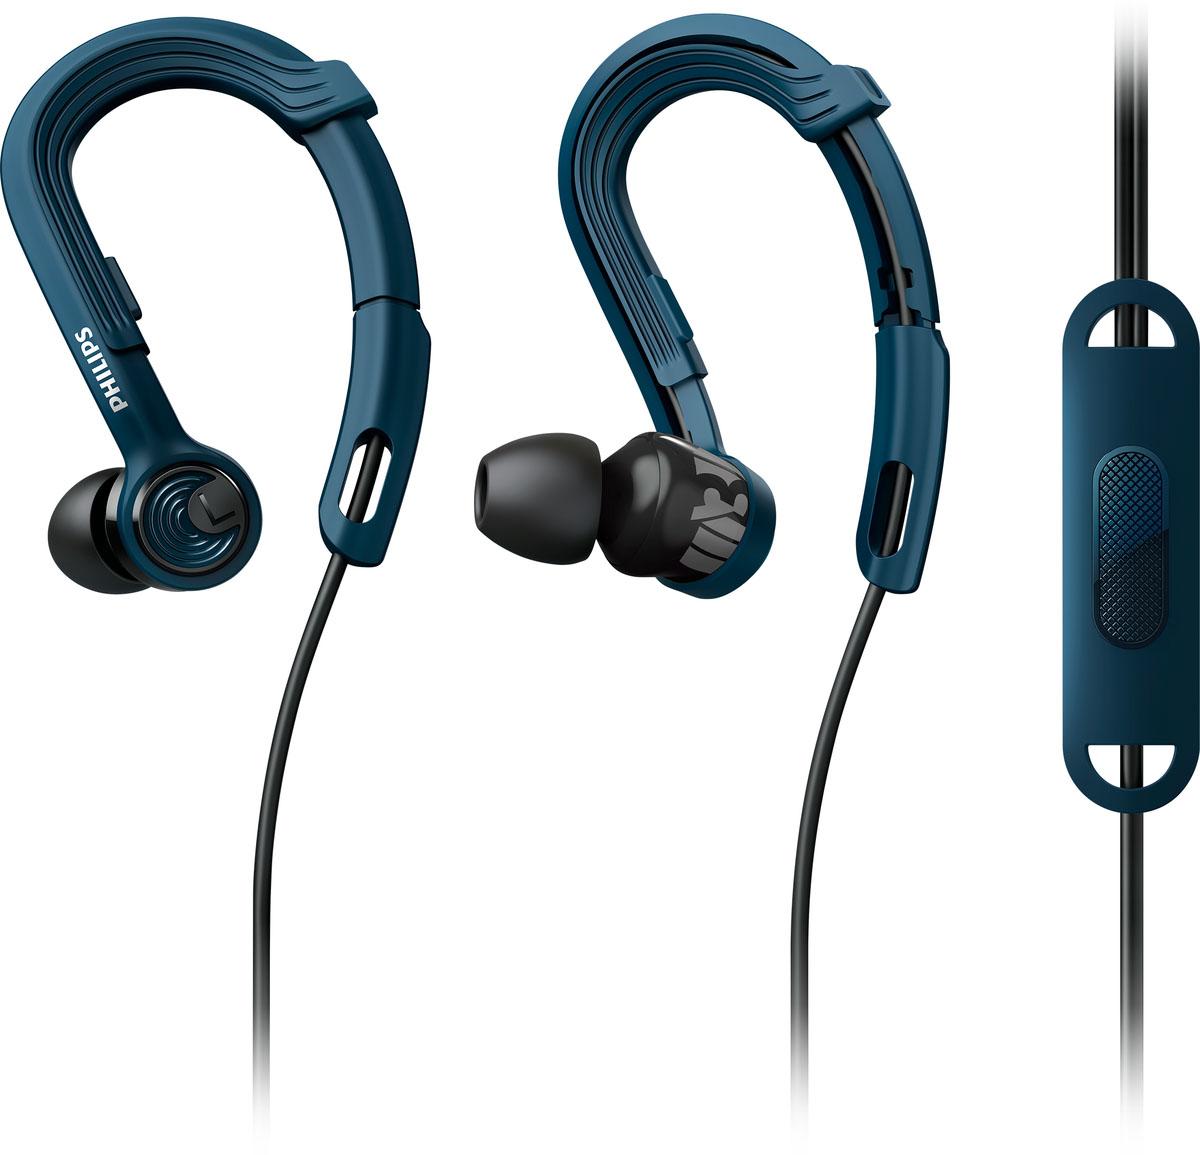 Philips SHQ3405BL/00 наушникиSHQ3405BL/00Наушники Philips SHQ3405BL/00 помогут сконцентрироваться и сохранить мотивацию при выполнении самых трудных задач. Благодаря регулировке крепления-крючка, легкому весу и защите от пота вы можете наслаждаться великолепным звучанием музыки во время интенсивных тренировок.Наушники ActionFit с запатентованным регулируемым заушным креплением обеспечивают надежную посадку и комфорт. Просто поместите крючки за уши и сдвиньте регулируемое крепление вверх или вниз для комфортной посадки. Теперь вы готовы к покорению любых высот и препятствий - наушники останутся на месте, чем бы вы ни занимались.Конструкция наушников ActionFit разрабатывалась для гарантии прочности и надежности. Кевларовый кабель хорошо защищен от износа и поломок и рассчитан на использование в жестких условиях во время тренировок.8,6-мм излучатели обеспечивают великолепное звучание, которое помогает достичь превосходных результатов.Наушники-вкладыши обеспечивают плотное прилегание к стенкам слухового прохода, что приводит к превосходной звуковой изоляции. Эргономичная форма акустических трубок обеспечивает идеальную посадку.Кабельный зажим обеспечивает удобное положение кабеля во время максимальных нагрузок.Наушники ActionFit весят всего 7,1 грамма - они очень легкие и обеспечивают комфортное ношение. Скорее всего, во время тренировки вы даже не будете их ощущать - останется лишь превосходный, мощный звук, который гарантирует концентрацию и желание продолжать тренироваться.Не бойтесь вспотеть или промокнуть. С защитой от влаги по стандарту IPX4 вы можете тренироваться даже под дождем, и ни одна капля влаги не проникнет в наушники.Водонепроницаемые материалы, из которых изготовлены наушники, позволяют мыть их под краном.